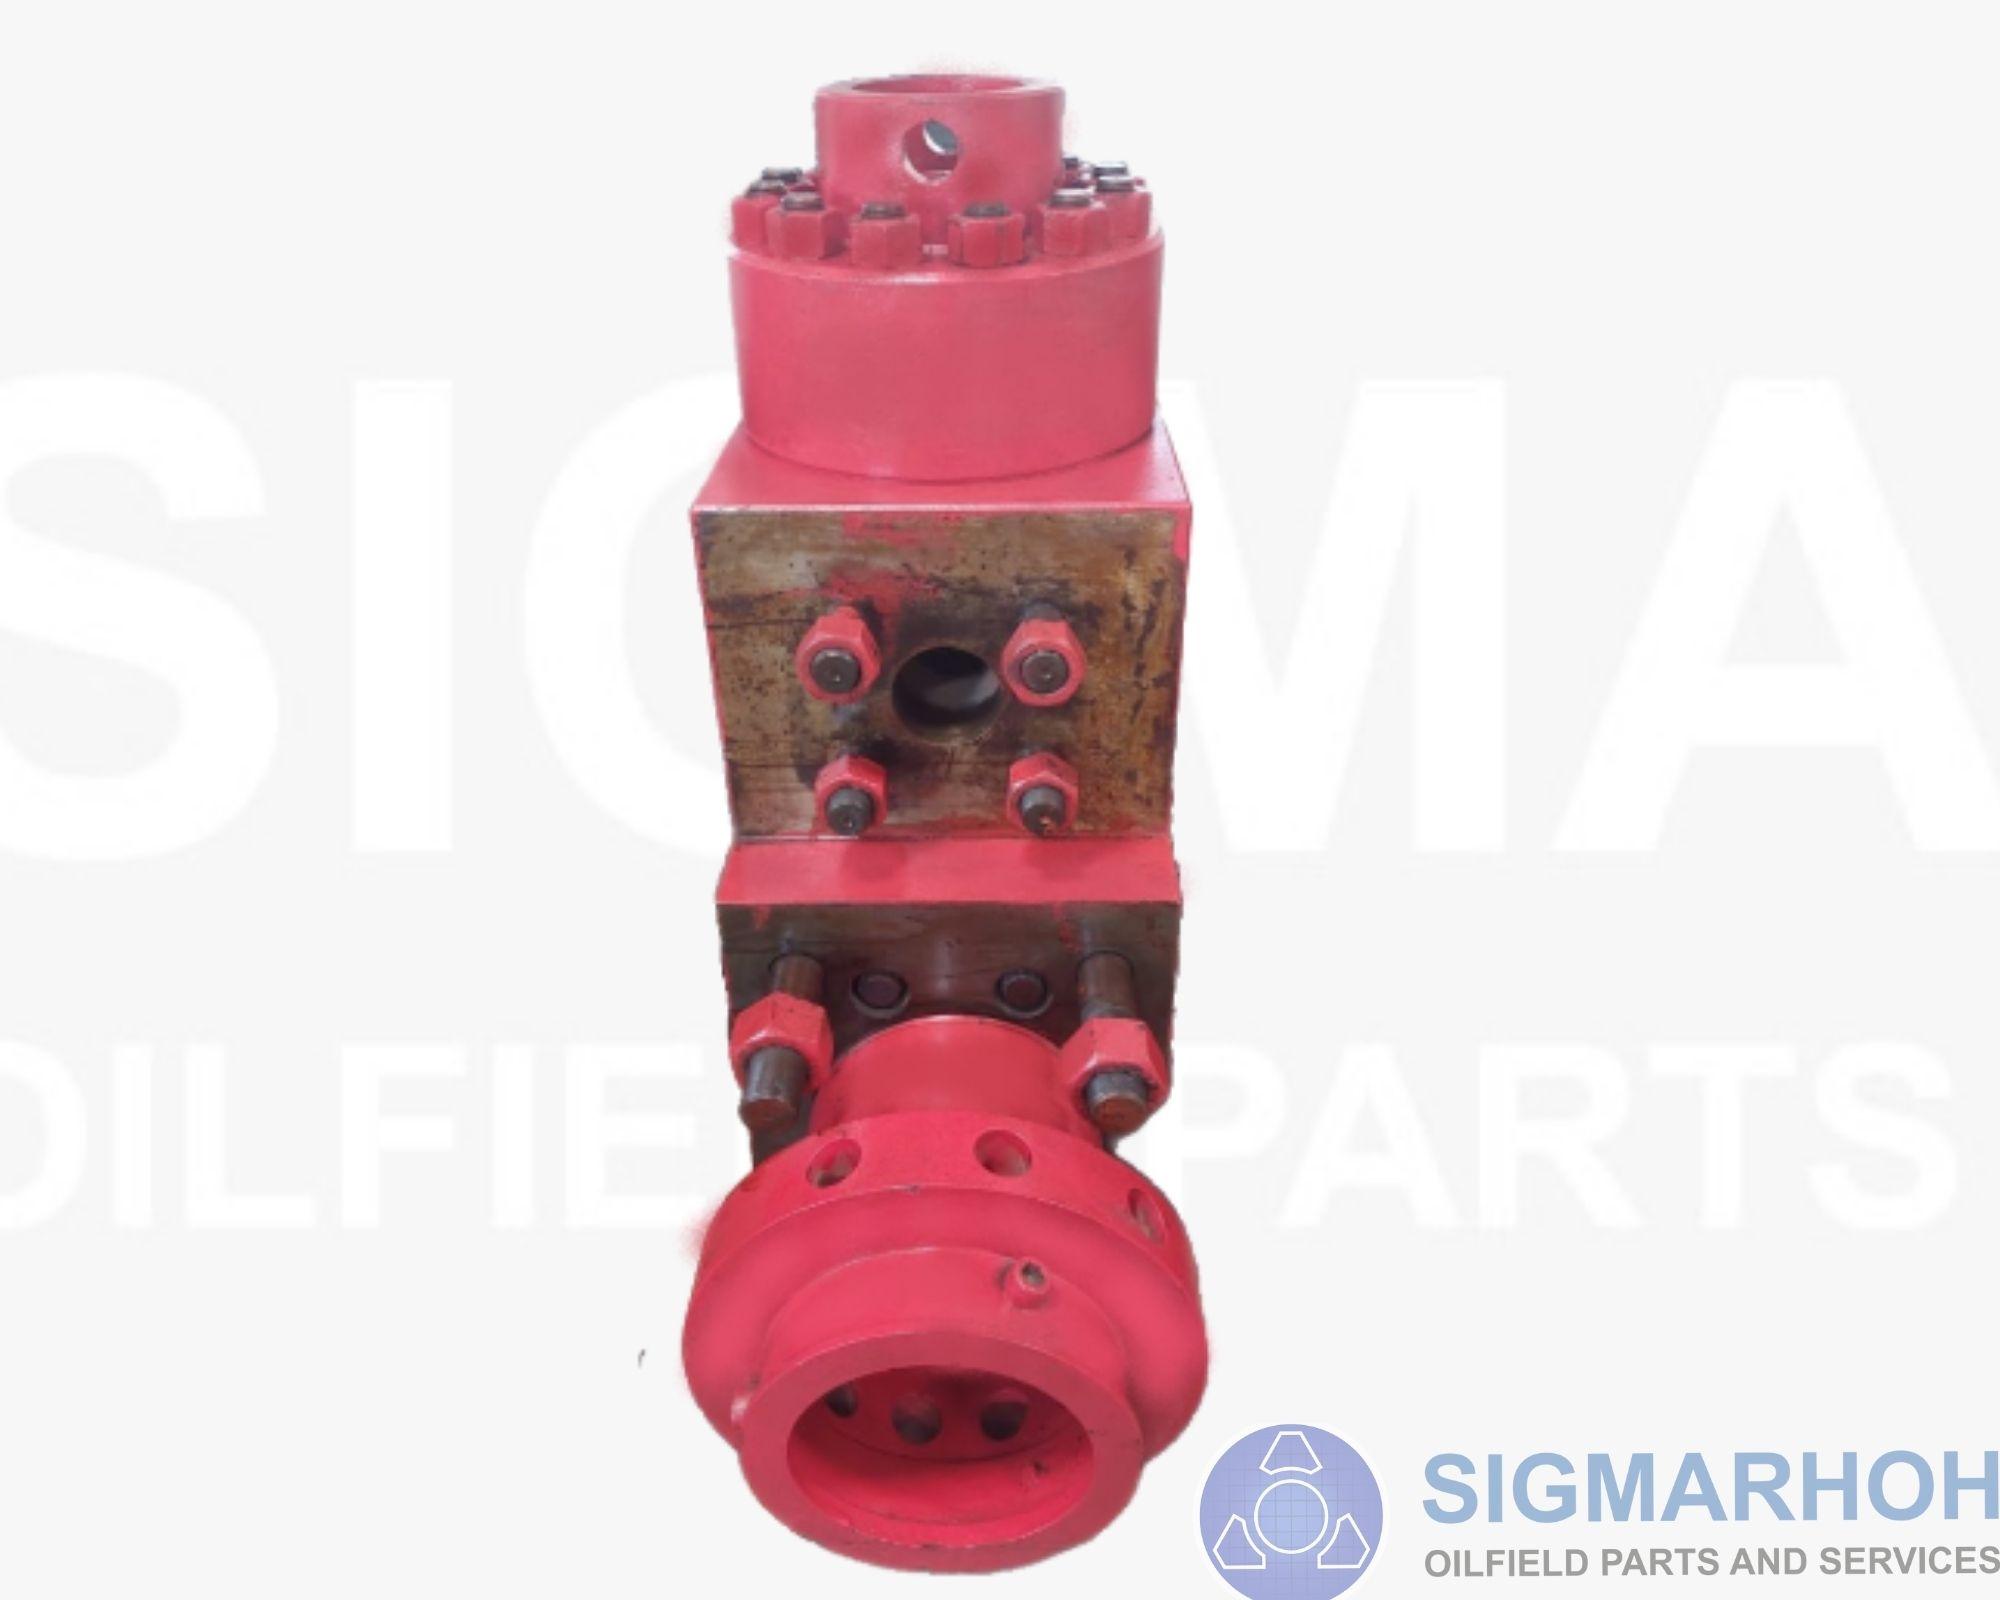 Modulo para bomba de lama / Fluid-End Module